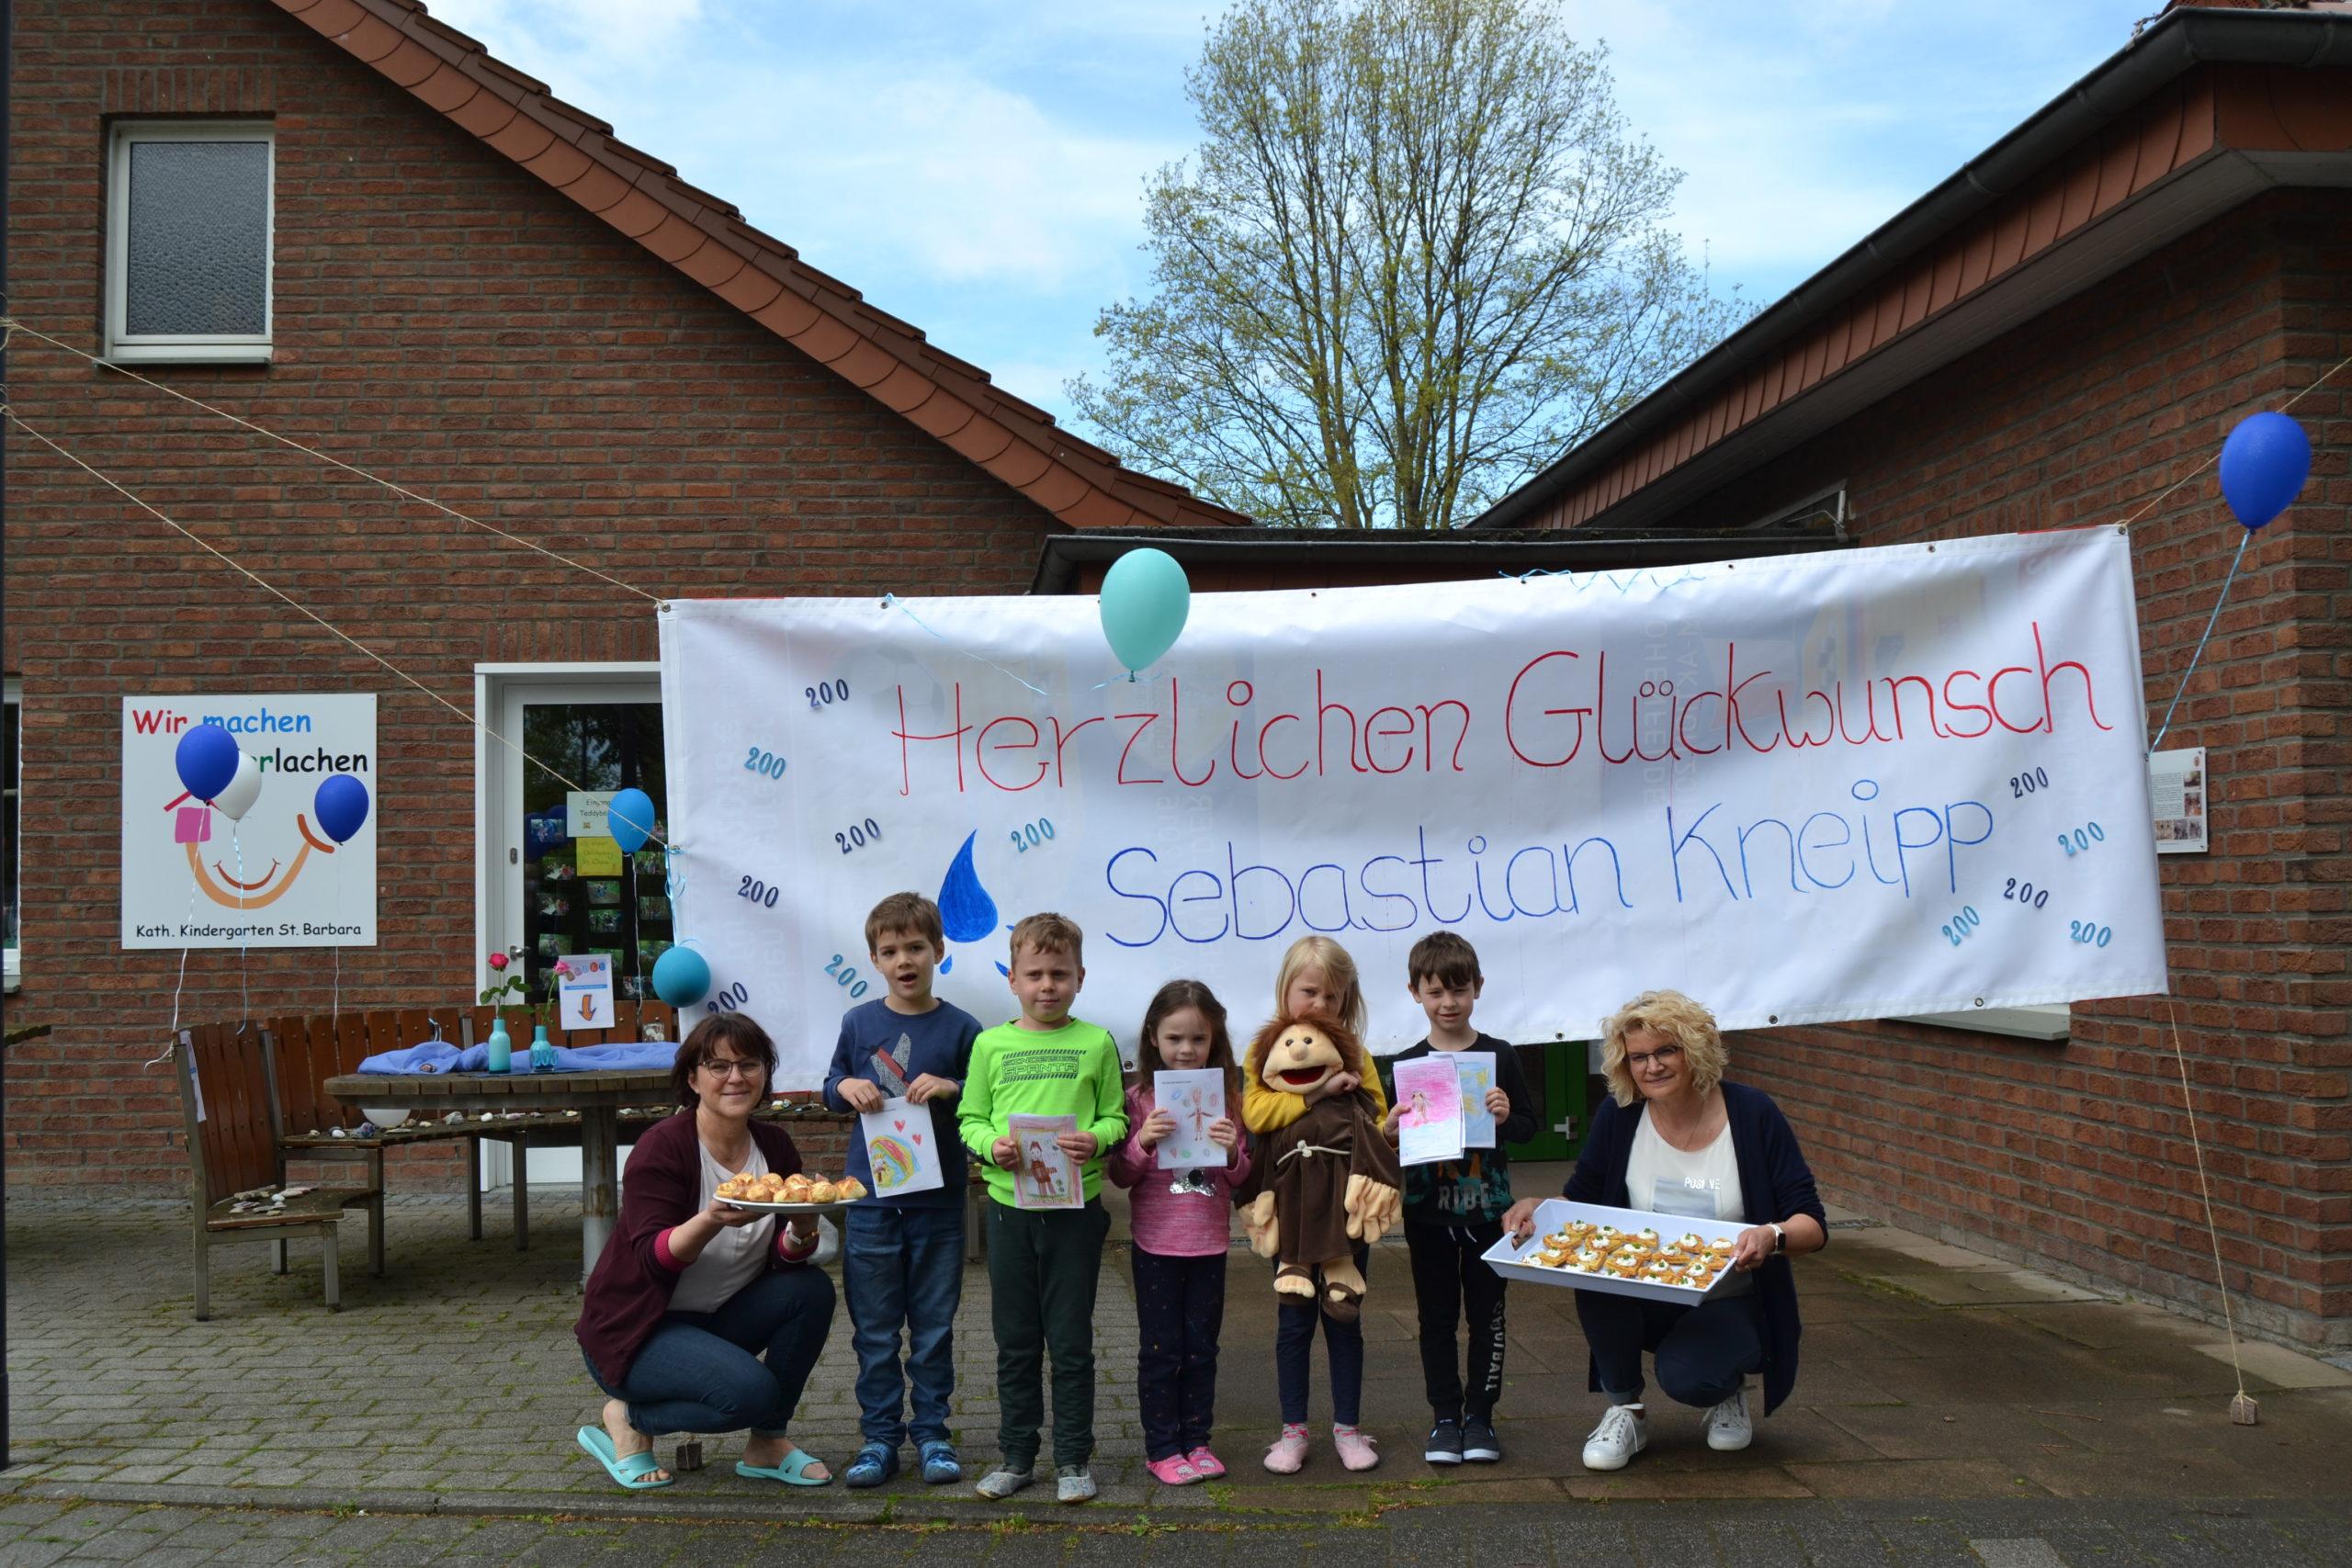 Ein besonderer Geburtstag: 200 Jahre Sebastian Kneipp